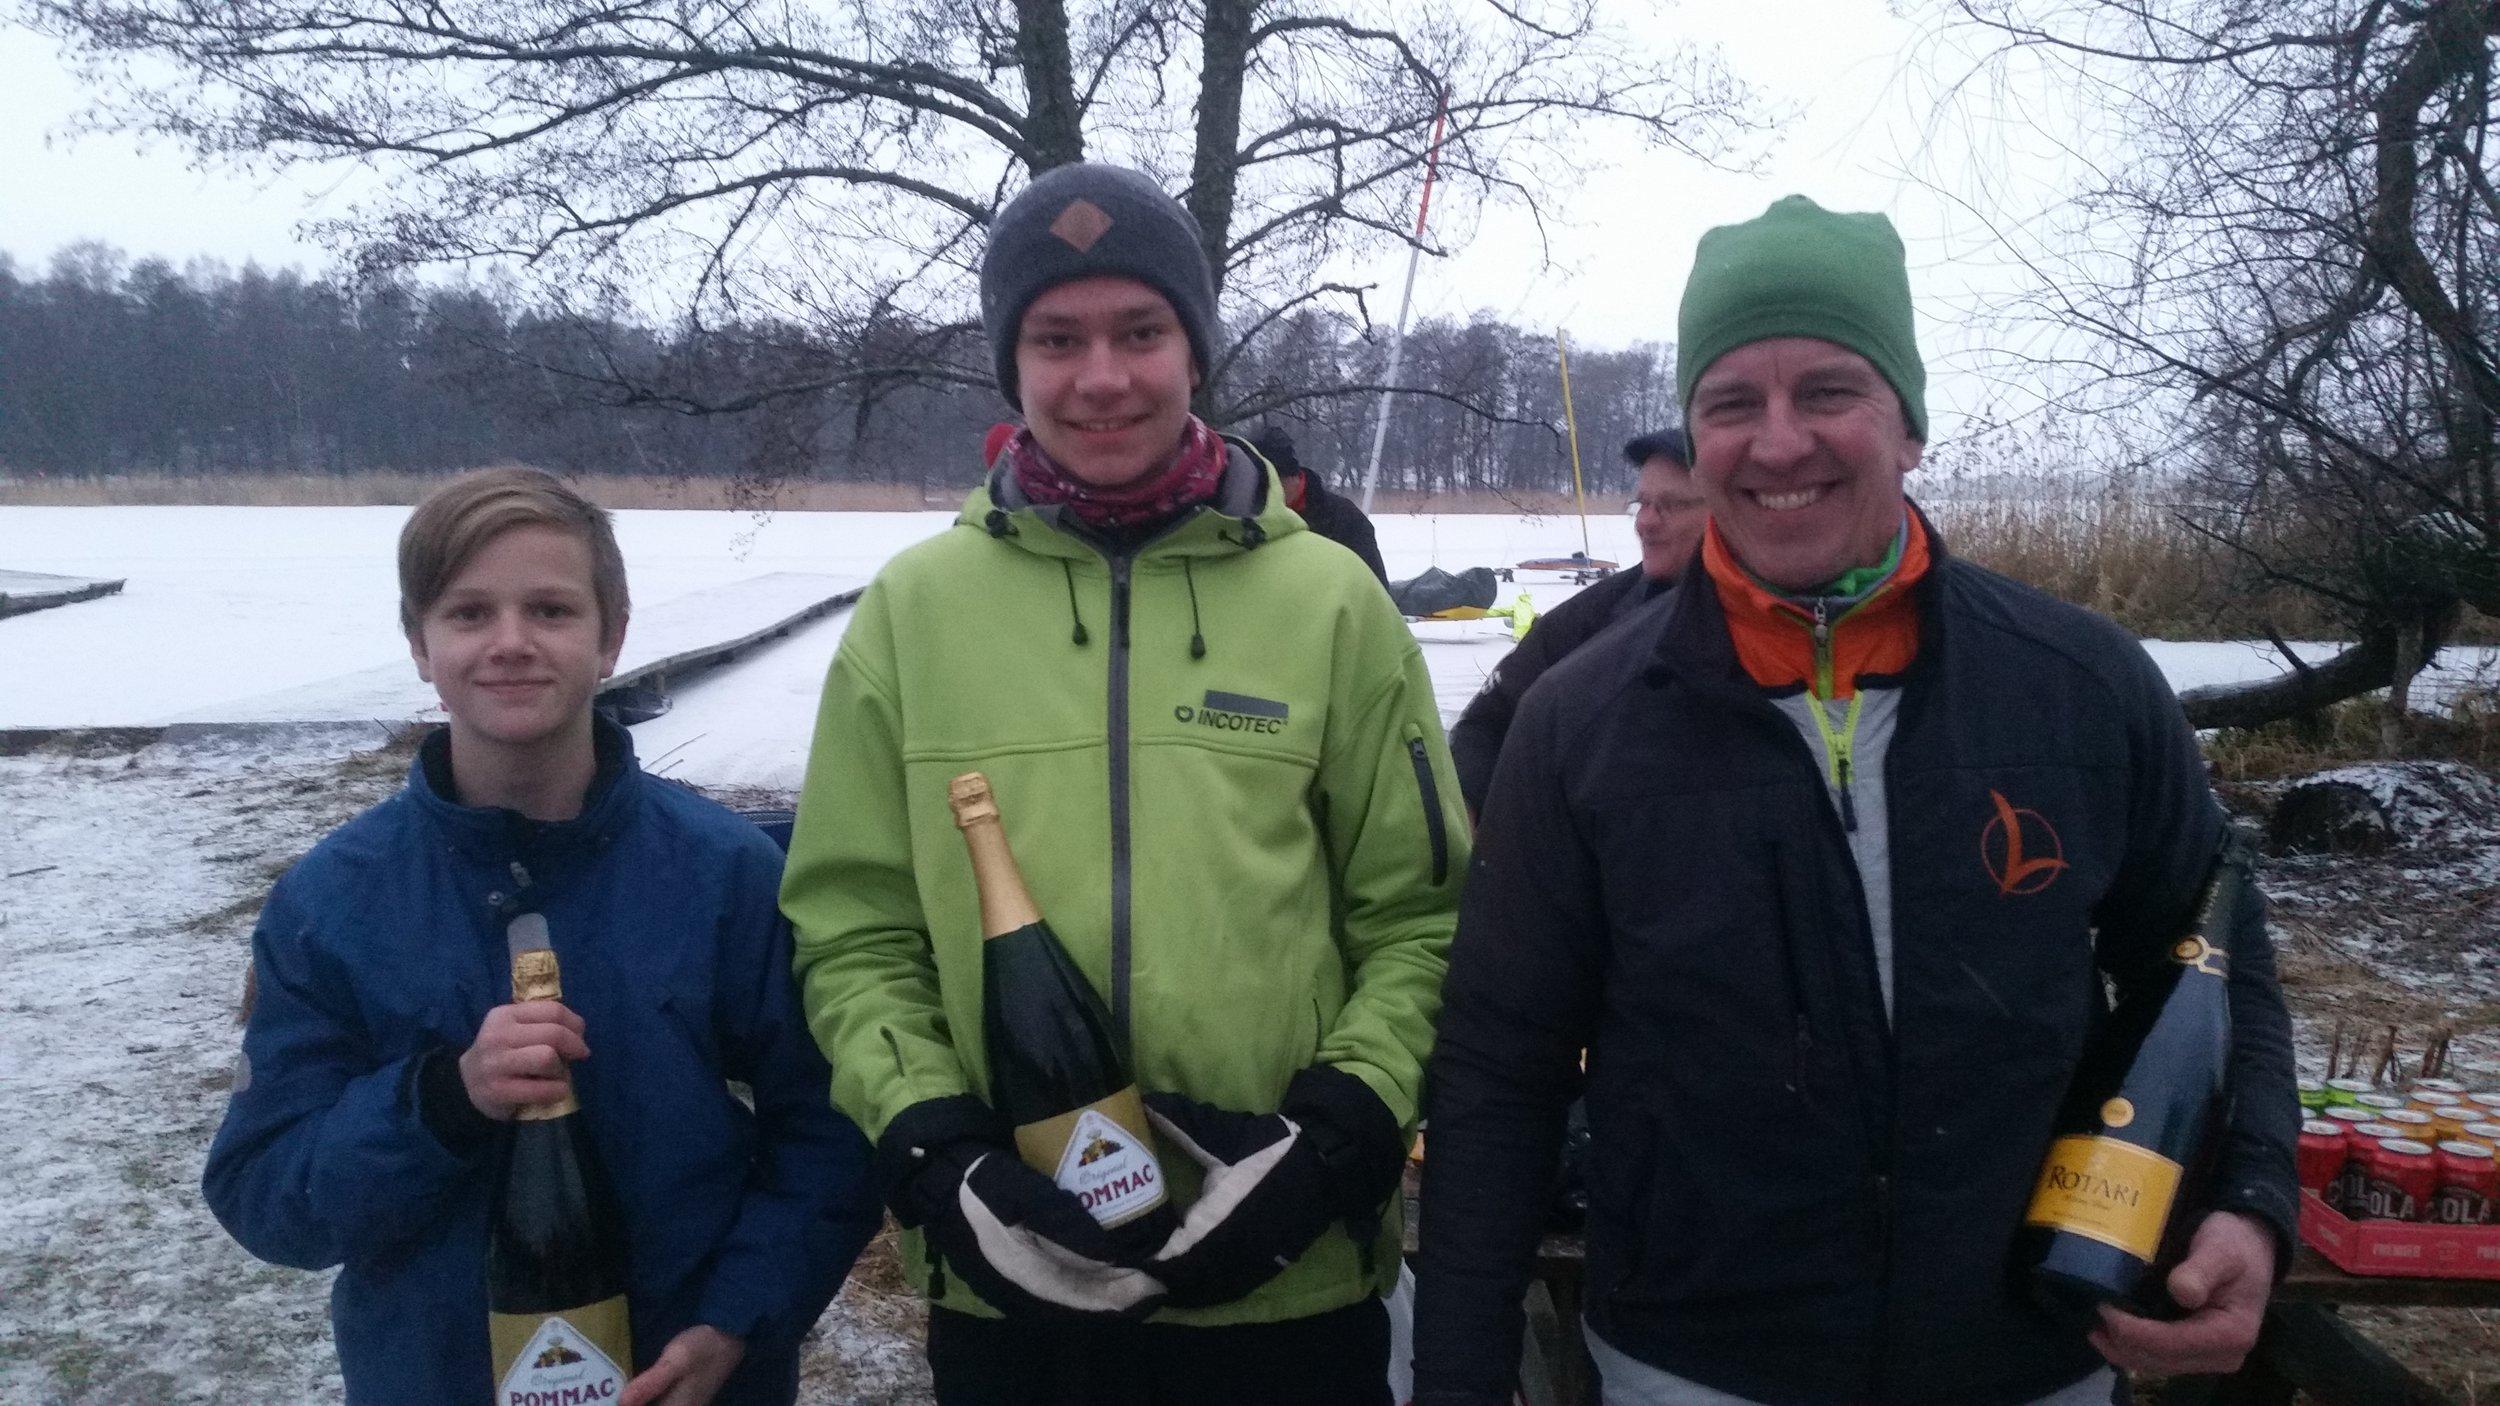 Klassvinnarna R8 IceOptimist,DN junior och DN fr v Oskar Svensson S45,Wilhelm Alness S829 och Fredrik Lönegren S8